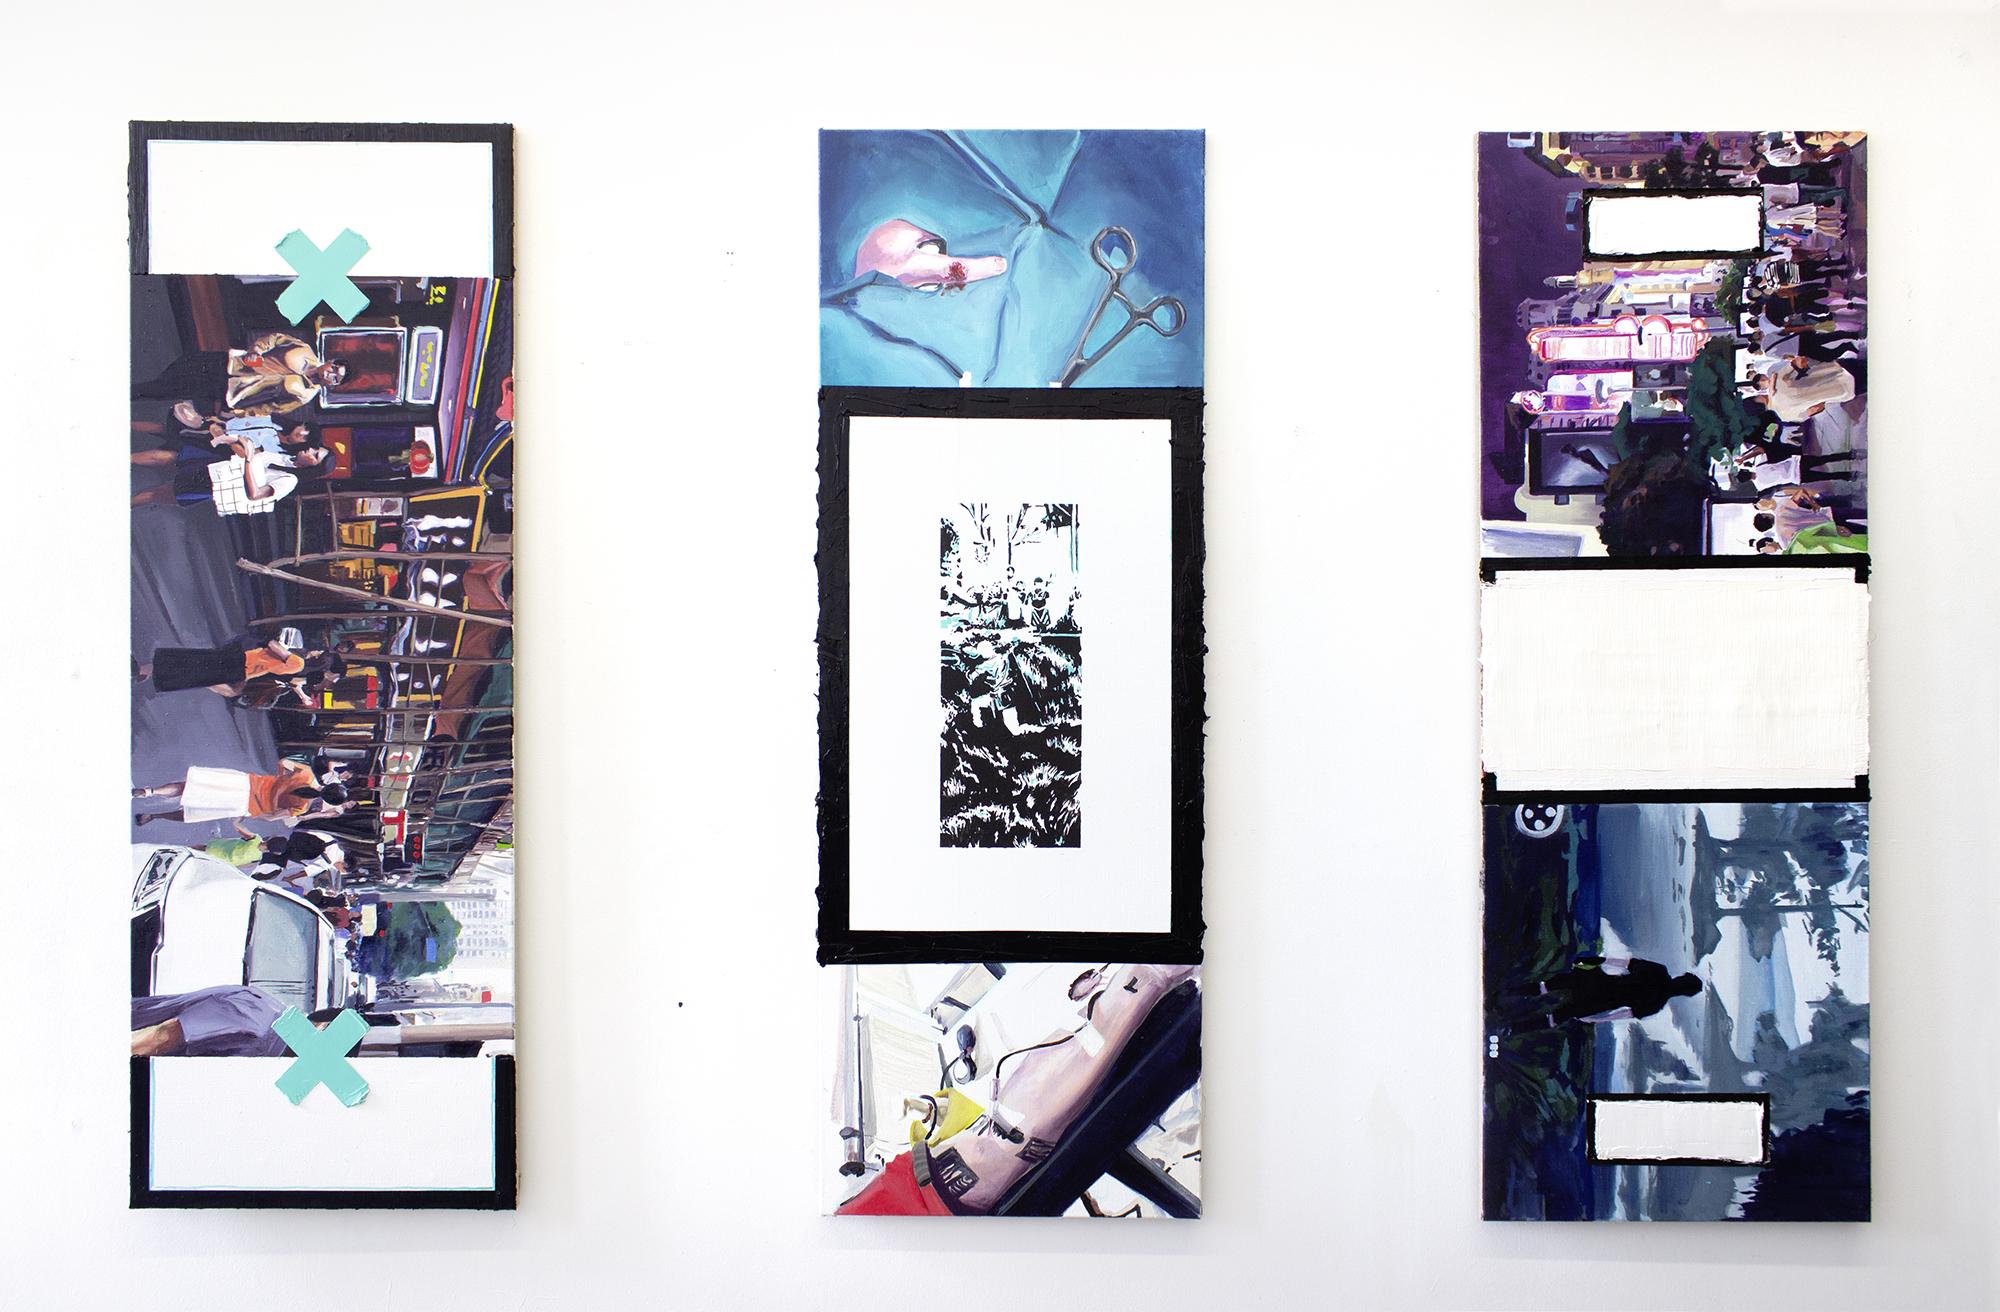 Eventbild für Malte Frey /// Rest and recreation /// Ausstellung und offenes Kolloquium